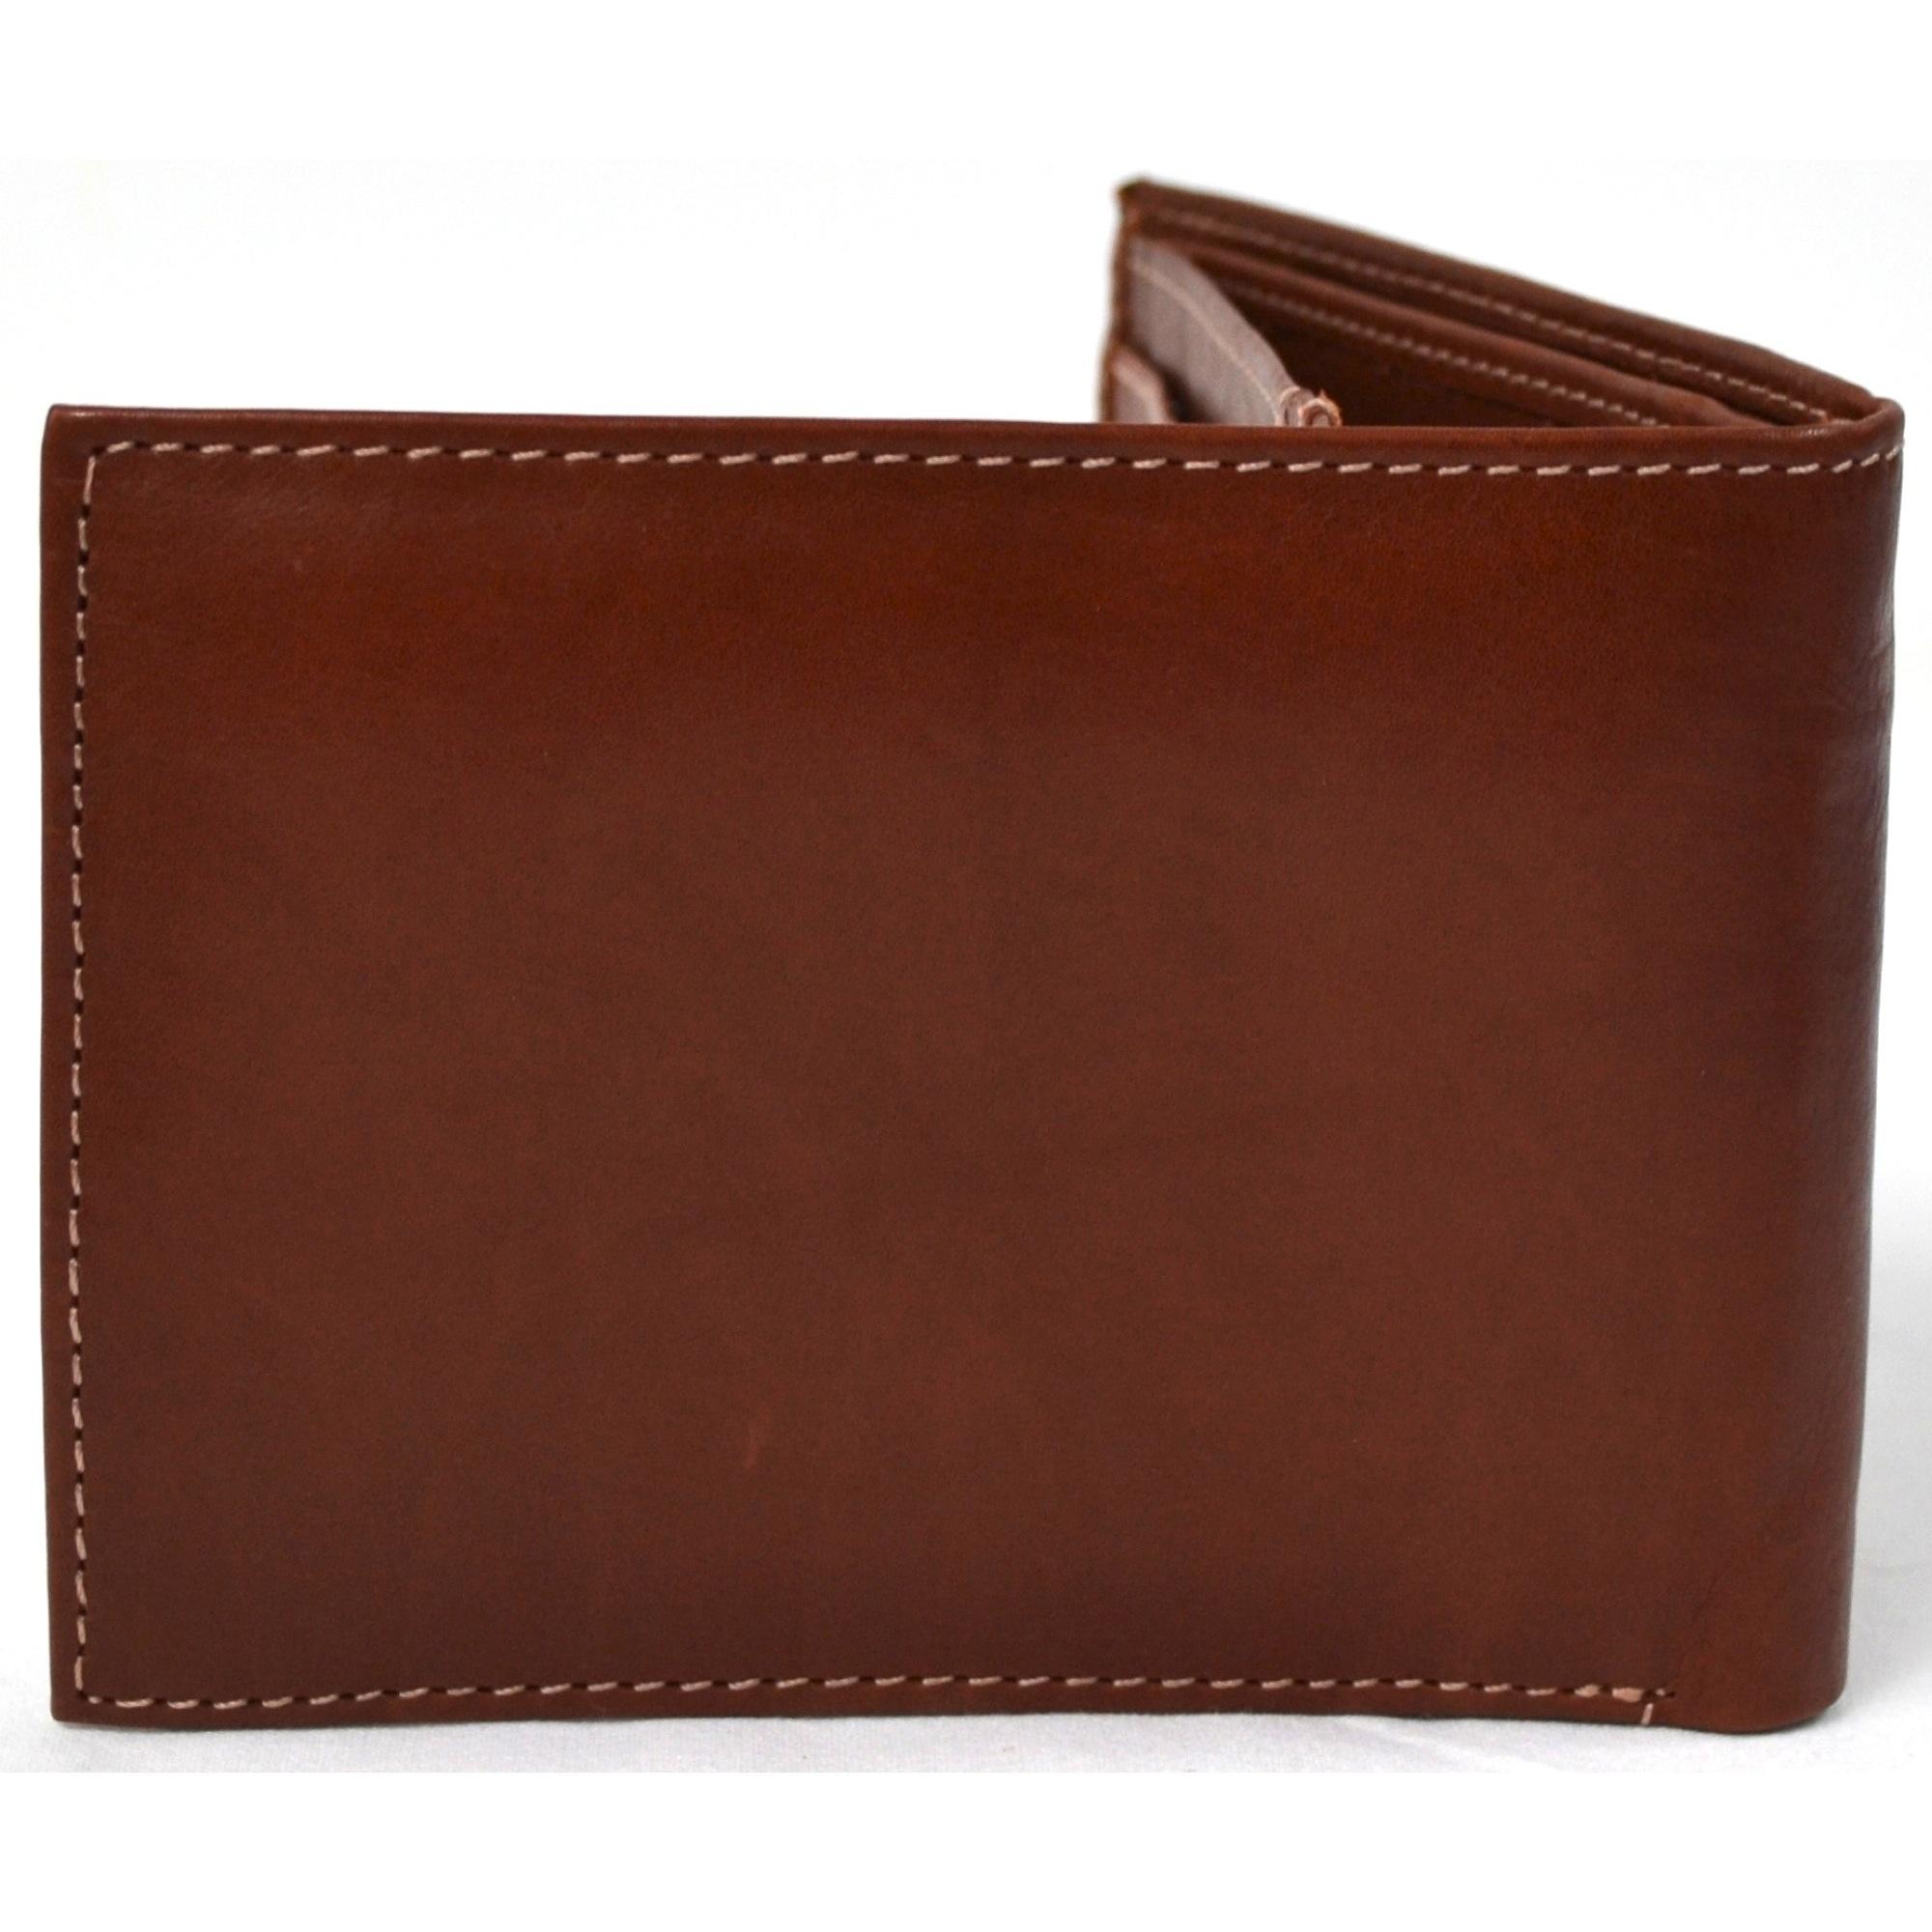 Genuine Leather Open Flap Wallet - Mark